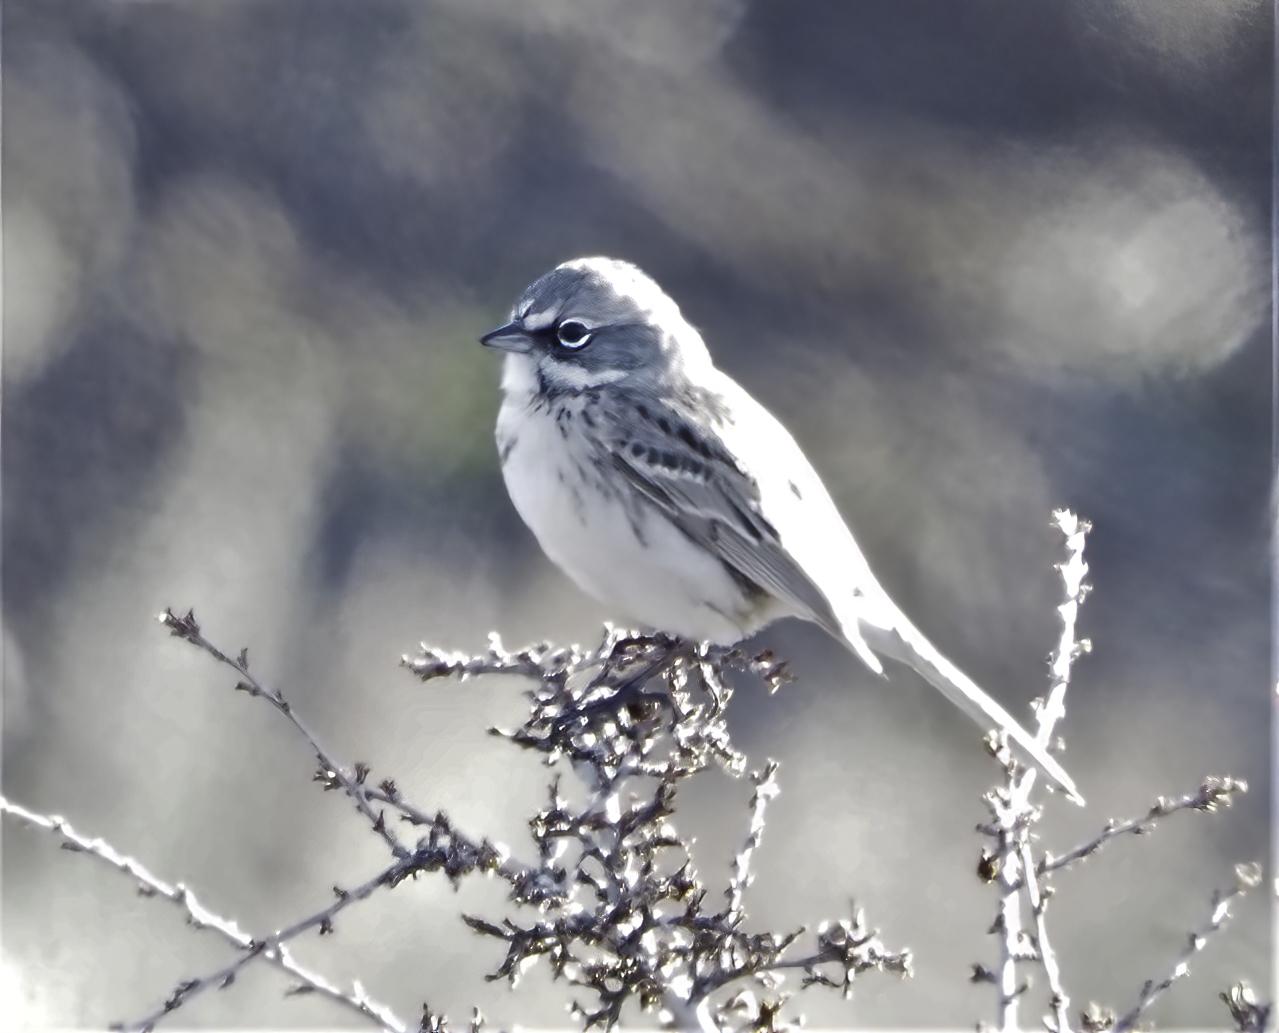 Sagebrush Sparrow2-sharpen-focus